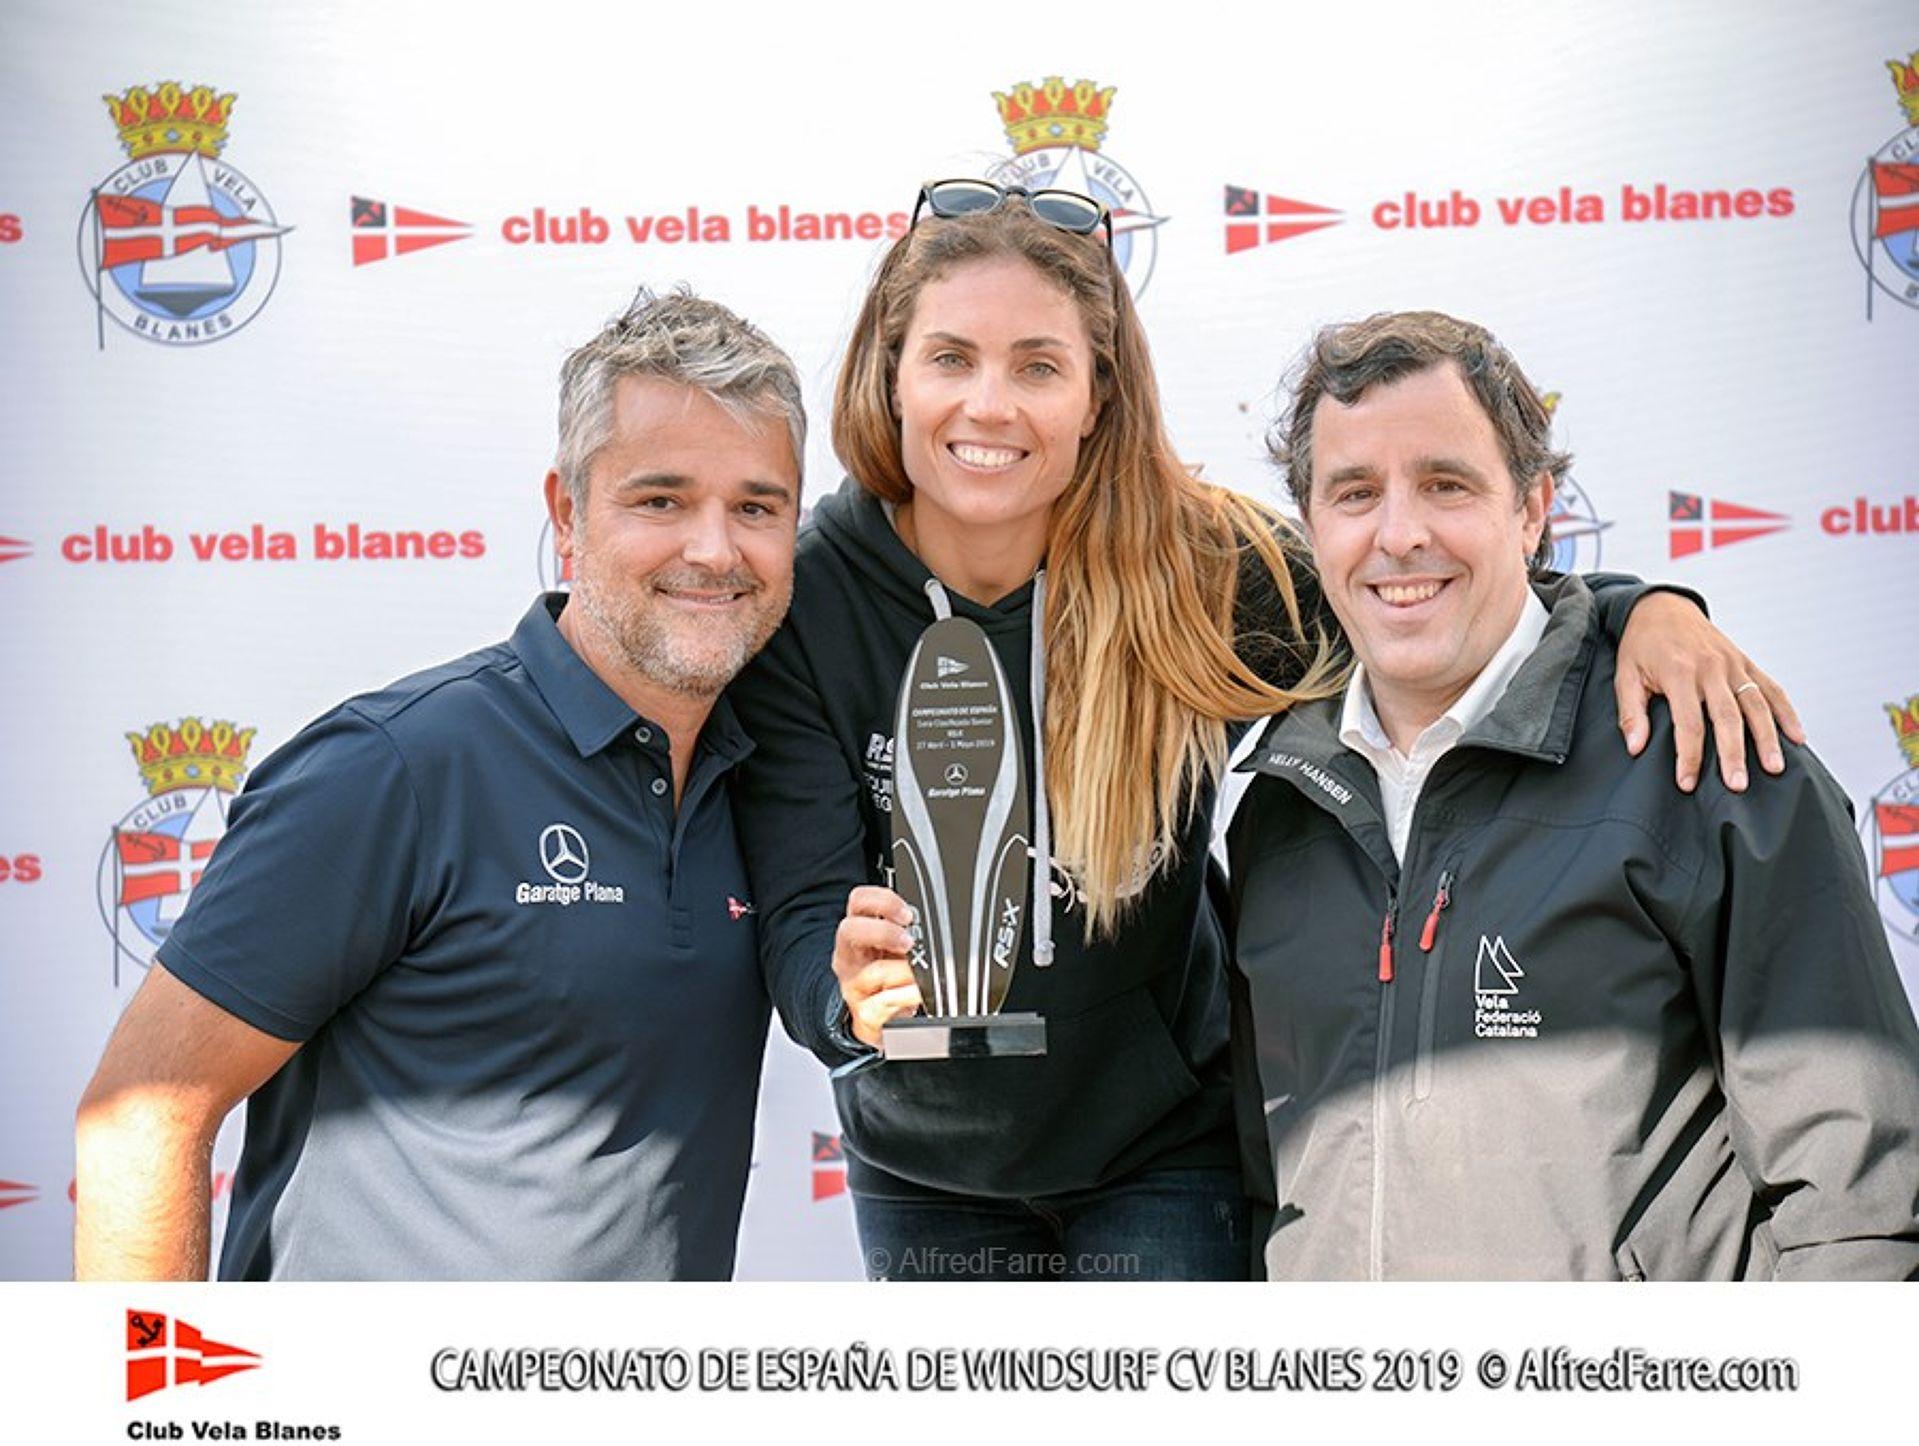 Els germans Manchón protagonistes del Campionat d'España de windsurf a Blanes. Curro es proclama campió d'España en Raceboard i Blanca domina de principi a fi el RS:X Femení.